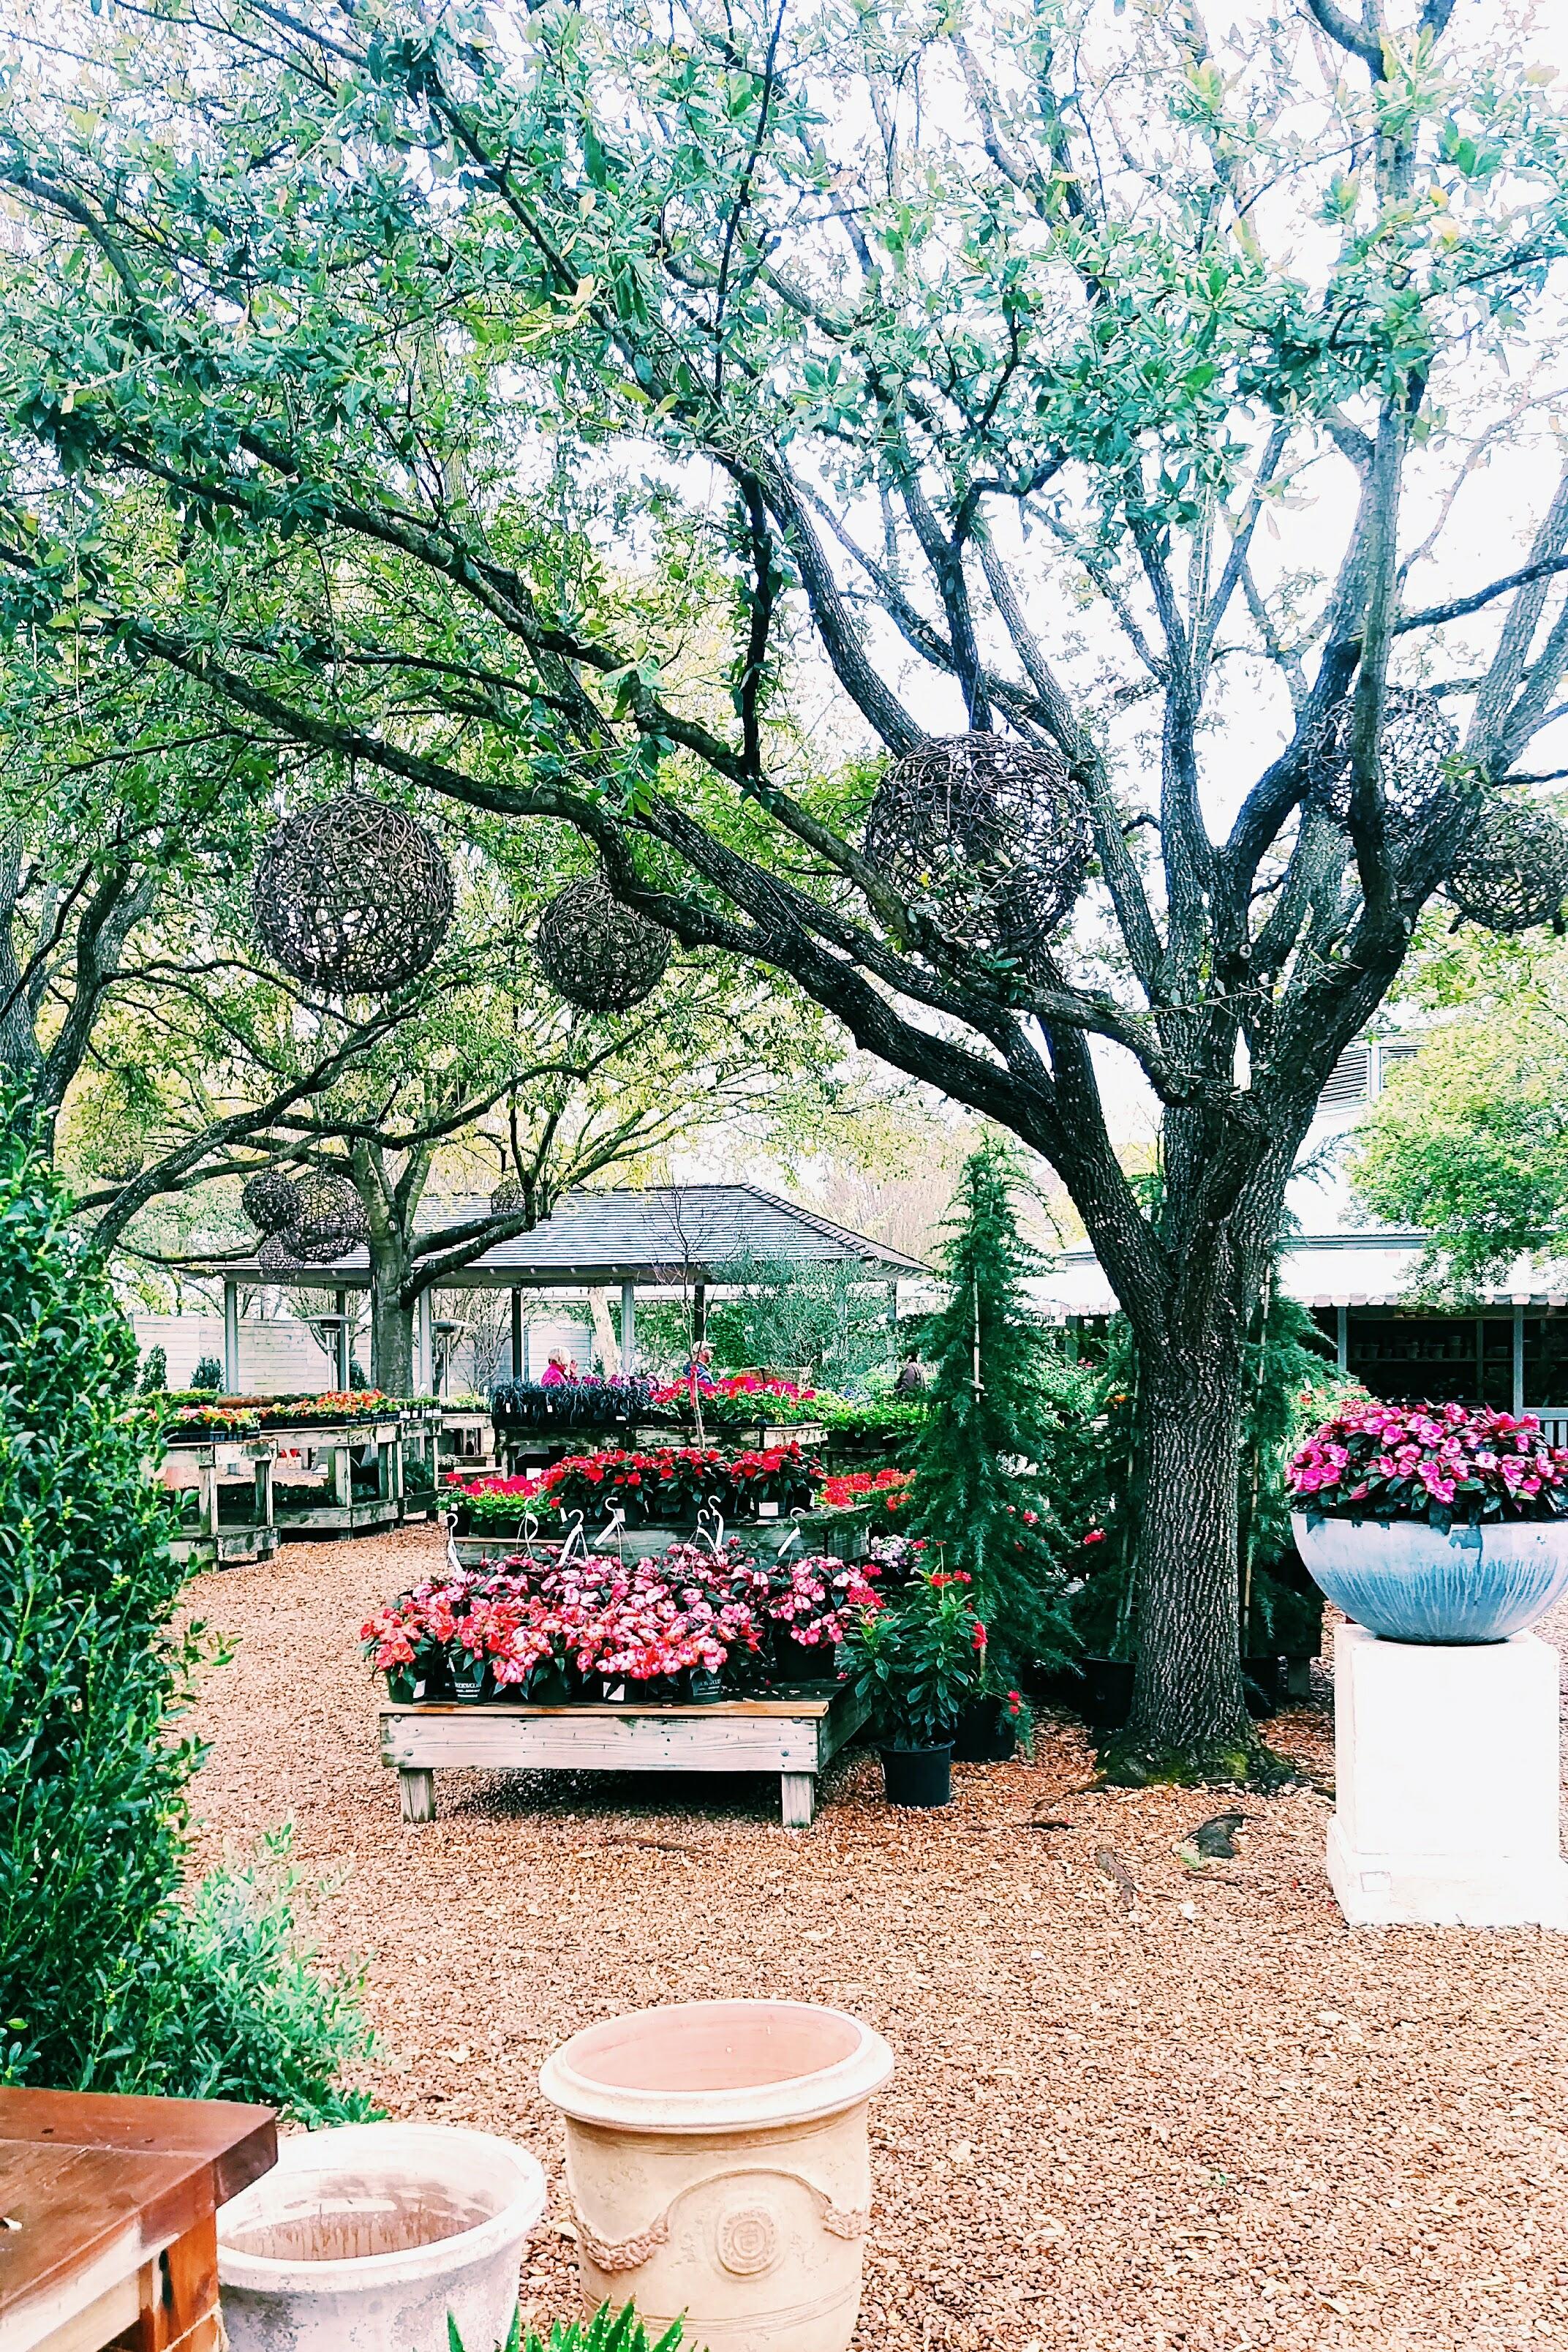 Three Heel Clicks - Houston Hotspots - Tiny Boxwood's (10).jpg